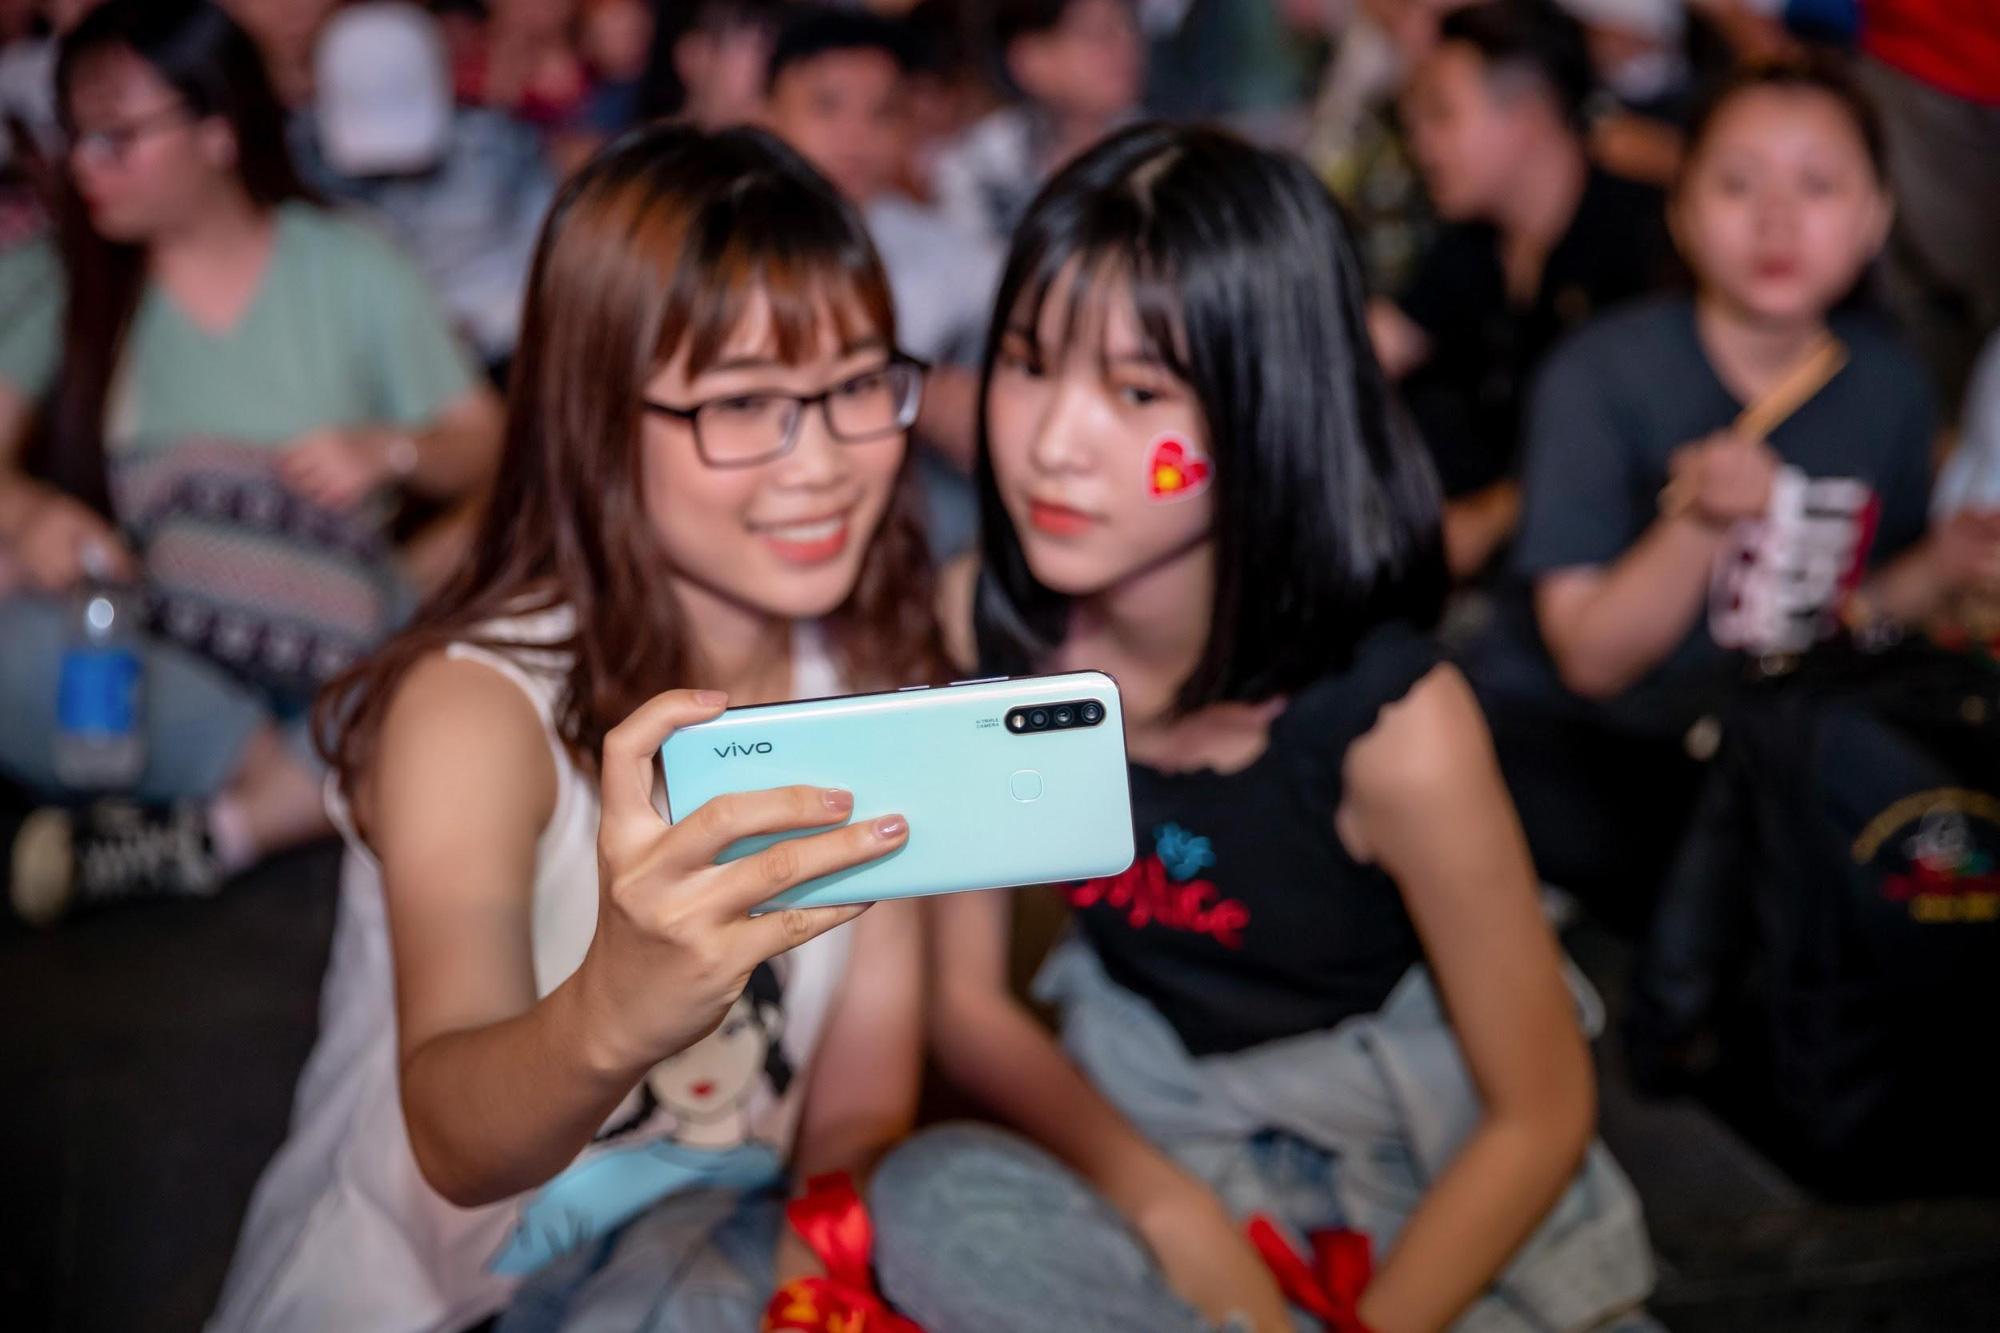 Giải mã chiếc điện thoại được hàng loạt tín đồ túc cầu selfie tại trận đấu vòng loại World Cup Việt Nam - UAE - Ảnh 1.